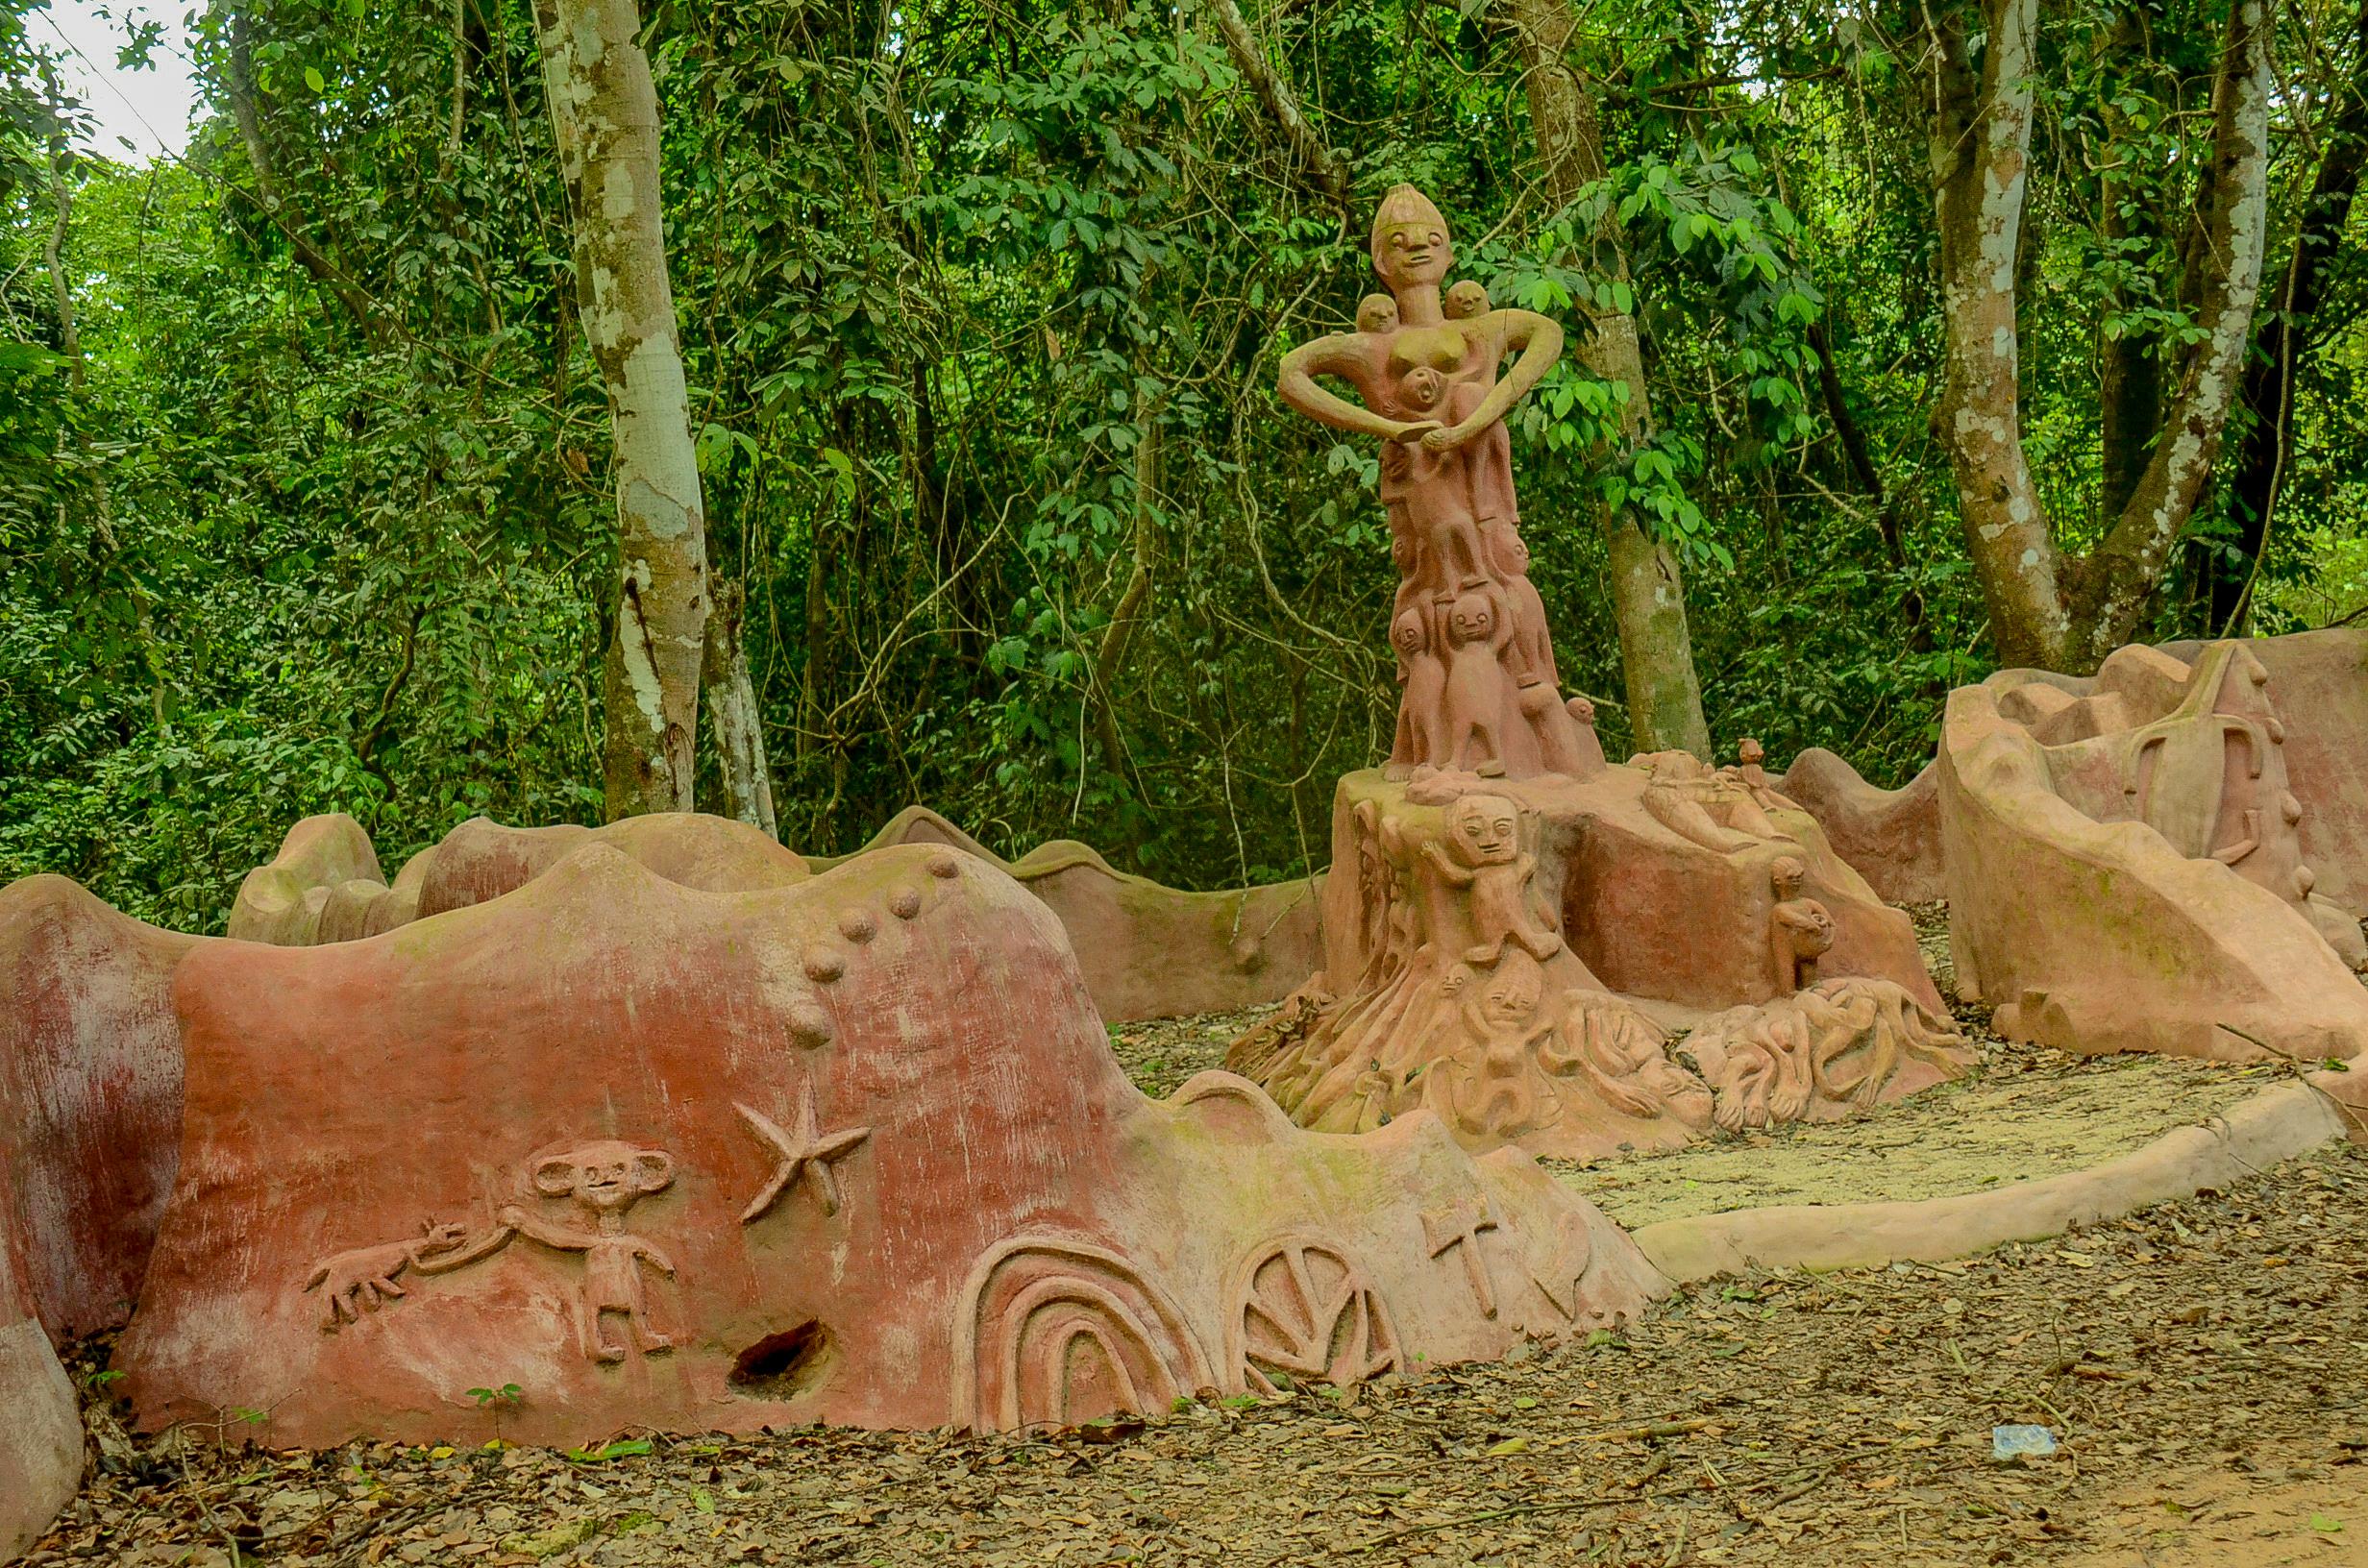 File:Osun Osogbo forest, river and sacred groove 10.jpg - Wikimedia ...